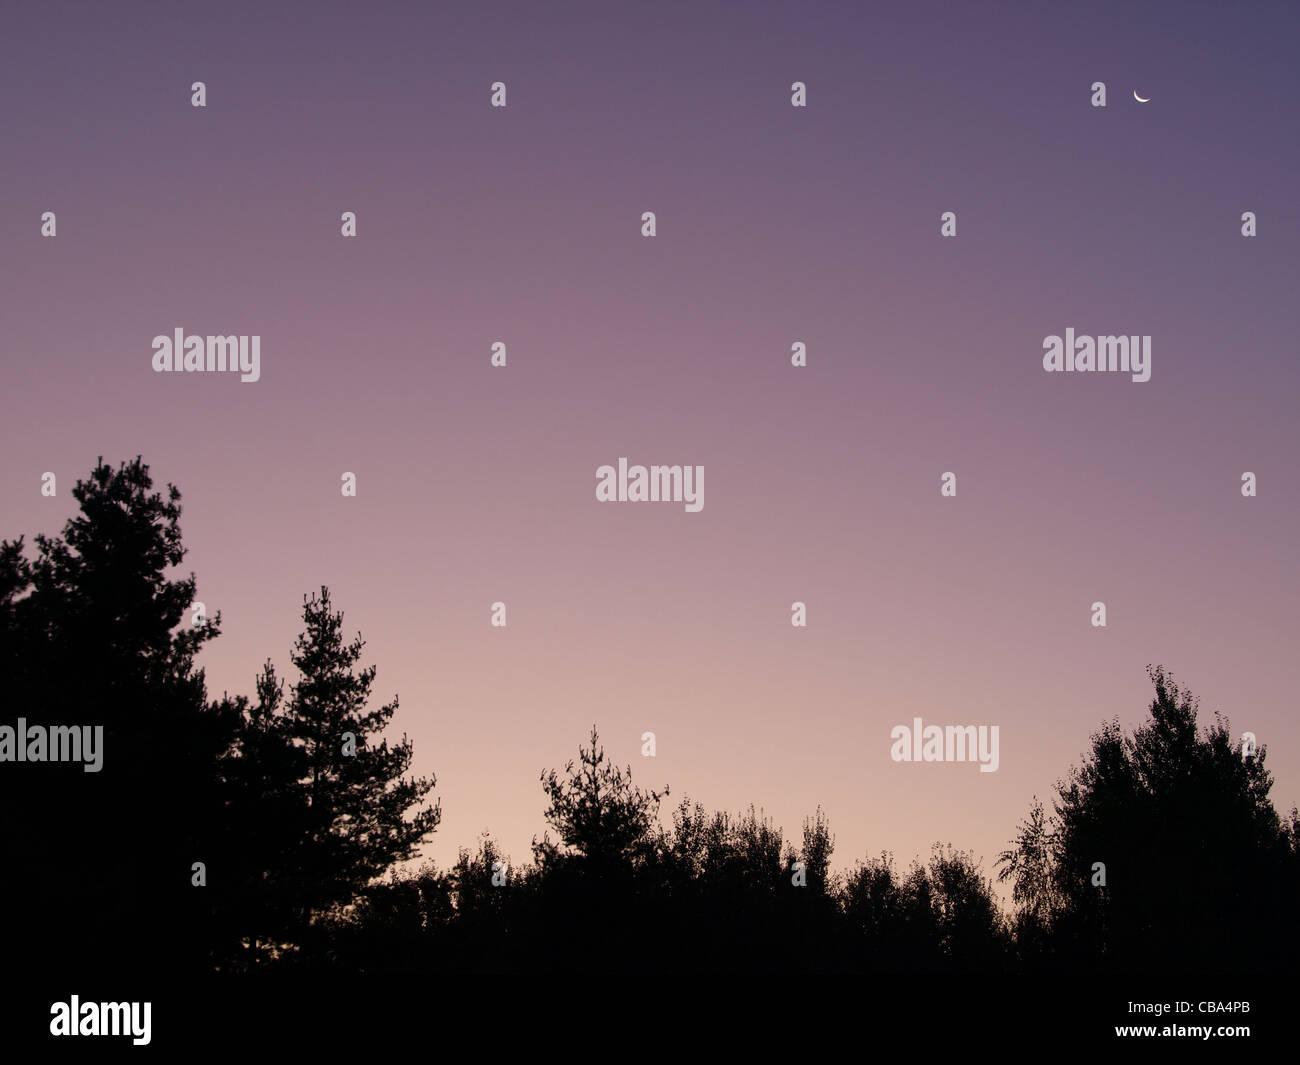 sunrise with little moon over trees / Sonnenaufgang mit kleinem Mond über Bäumen - Stock Image